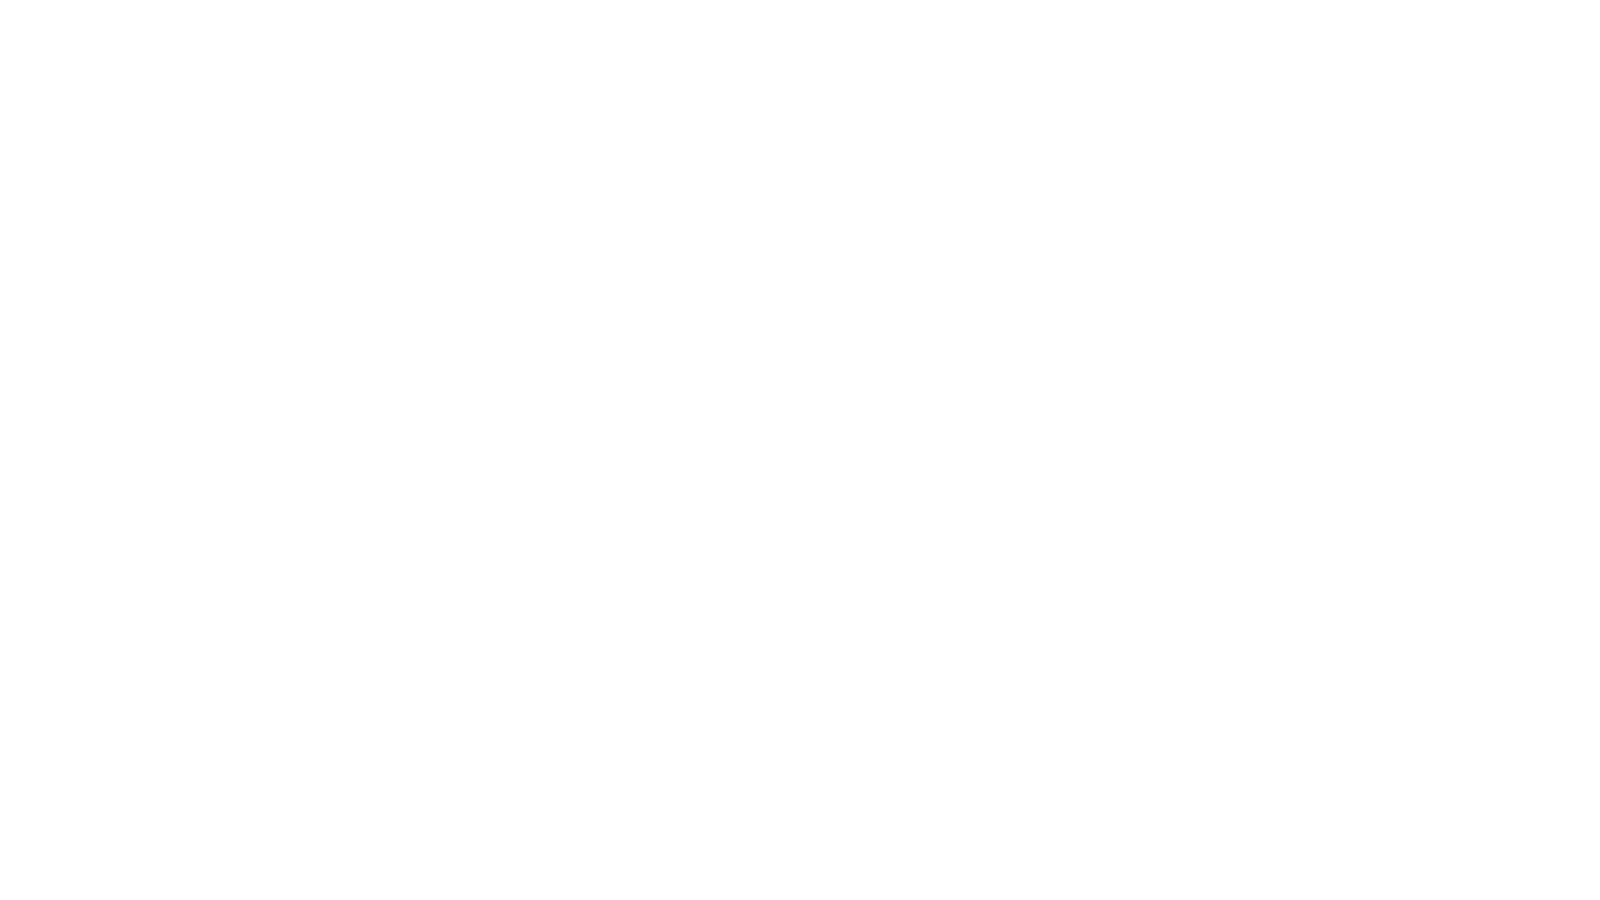 公式L I N Eアカウント 限定 で 知って得する 最新の スピリチュアル情報 をお届け🐈 https://line.me/R/ti/p/%40vji2692m  チャンネル登録はこちらから→  https://www.youtube.com/channel/UCUm4B0i70Y6x8k2tuFVxPjg?sub_confirmation=1   ツイッター https://twitter.com/sinposen  インスタグラム https://www.instagram.com/twinklecocologo/?hl=ja  五嶌美幸の公式サイト http://mydestiny7.com/  ブログ(スピリチュアルな情報を発信中) http://ameblo.jp/sinposen  鑑定依頼やその他お問い合わせ(公式LINE) https://line.me/R/ti/p/%40vji2692m  動画の企画・編集:高柳亮 http://piano-88.com/session/#link  使用音源・効果音元 効果音ラボ dig.ccmixter d-elf https://www.d-elf.com/ DOVA-SYNDROME  http://dova-s.jp/ ※使用楽曲により別途表記 Kisma- We Are [NCS Release] http://youtu.be/WfluodjOkOk Steve Hartz - Never Get Old [NCS Release] http://youtu.be/sjQqv354mtI Cadmium - Be With You (feat. Grant Dawson) [NCS Release] http://youtu.be/4nbLR9mCOXA #スピリチュアル#アセンション#リーディング